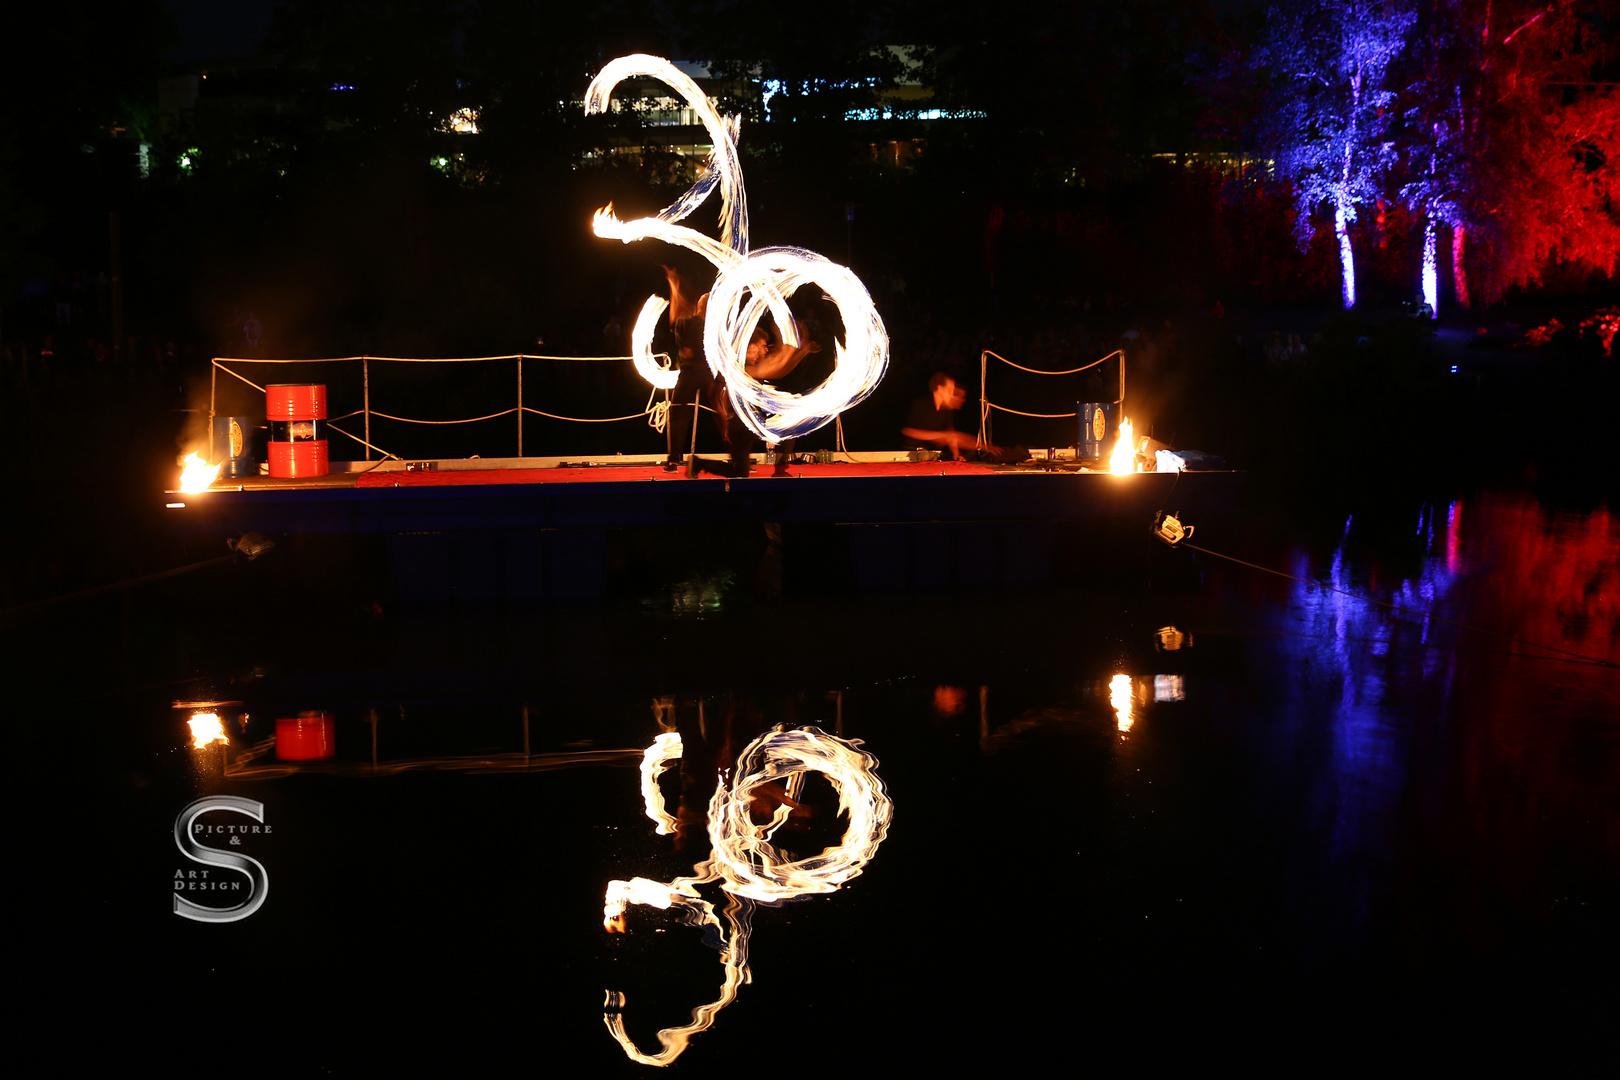 Feuer zeichnet die Nacht